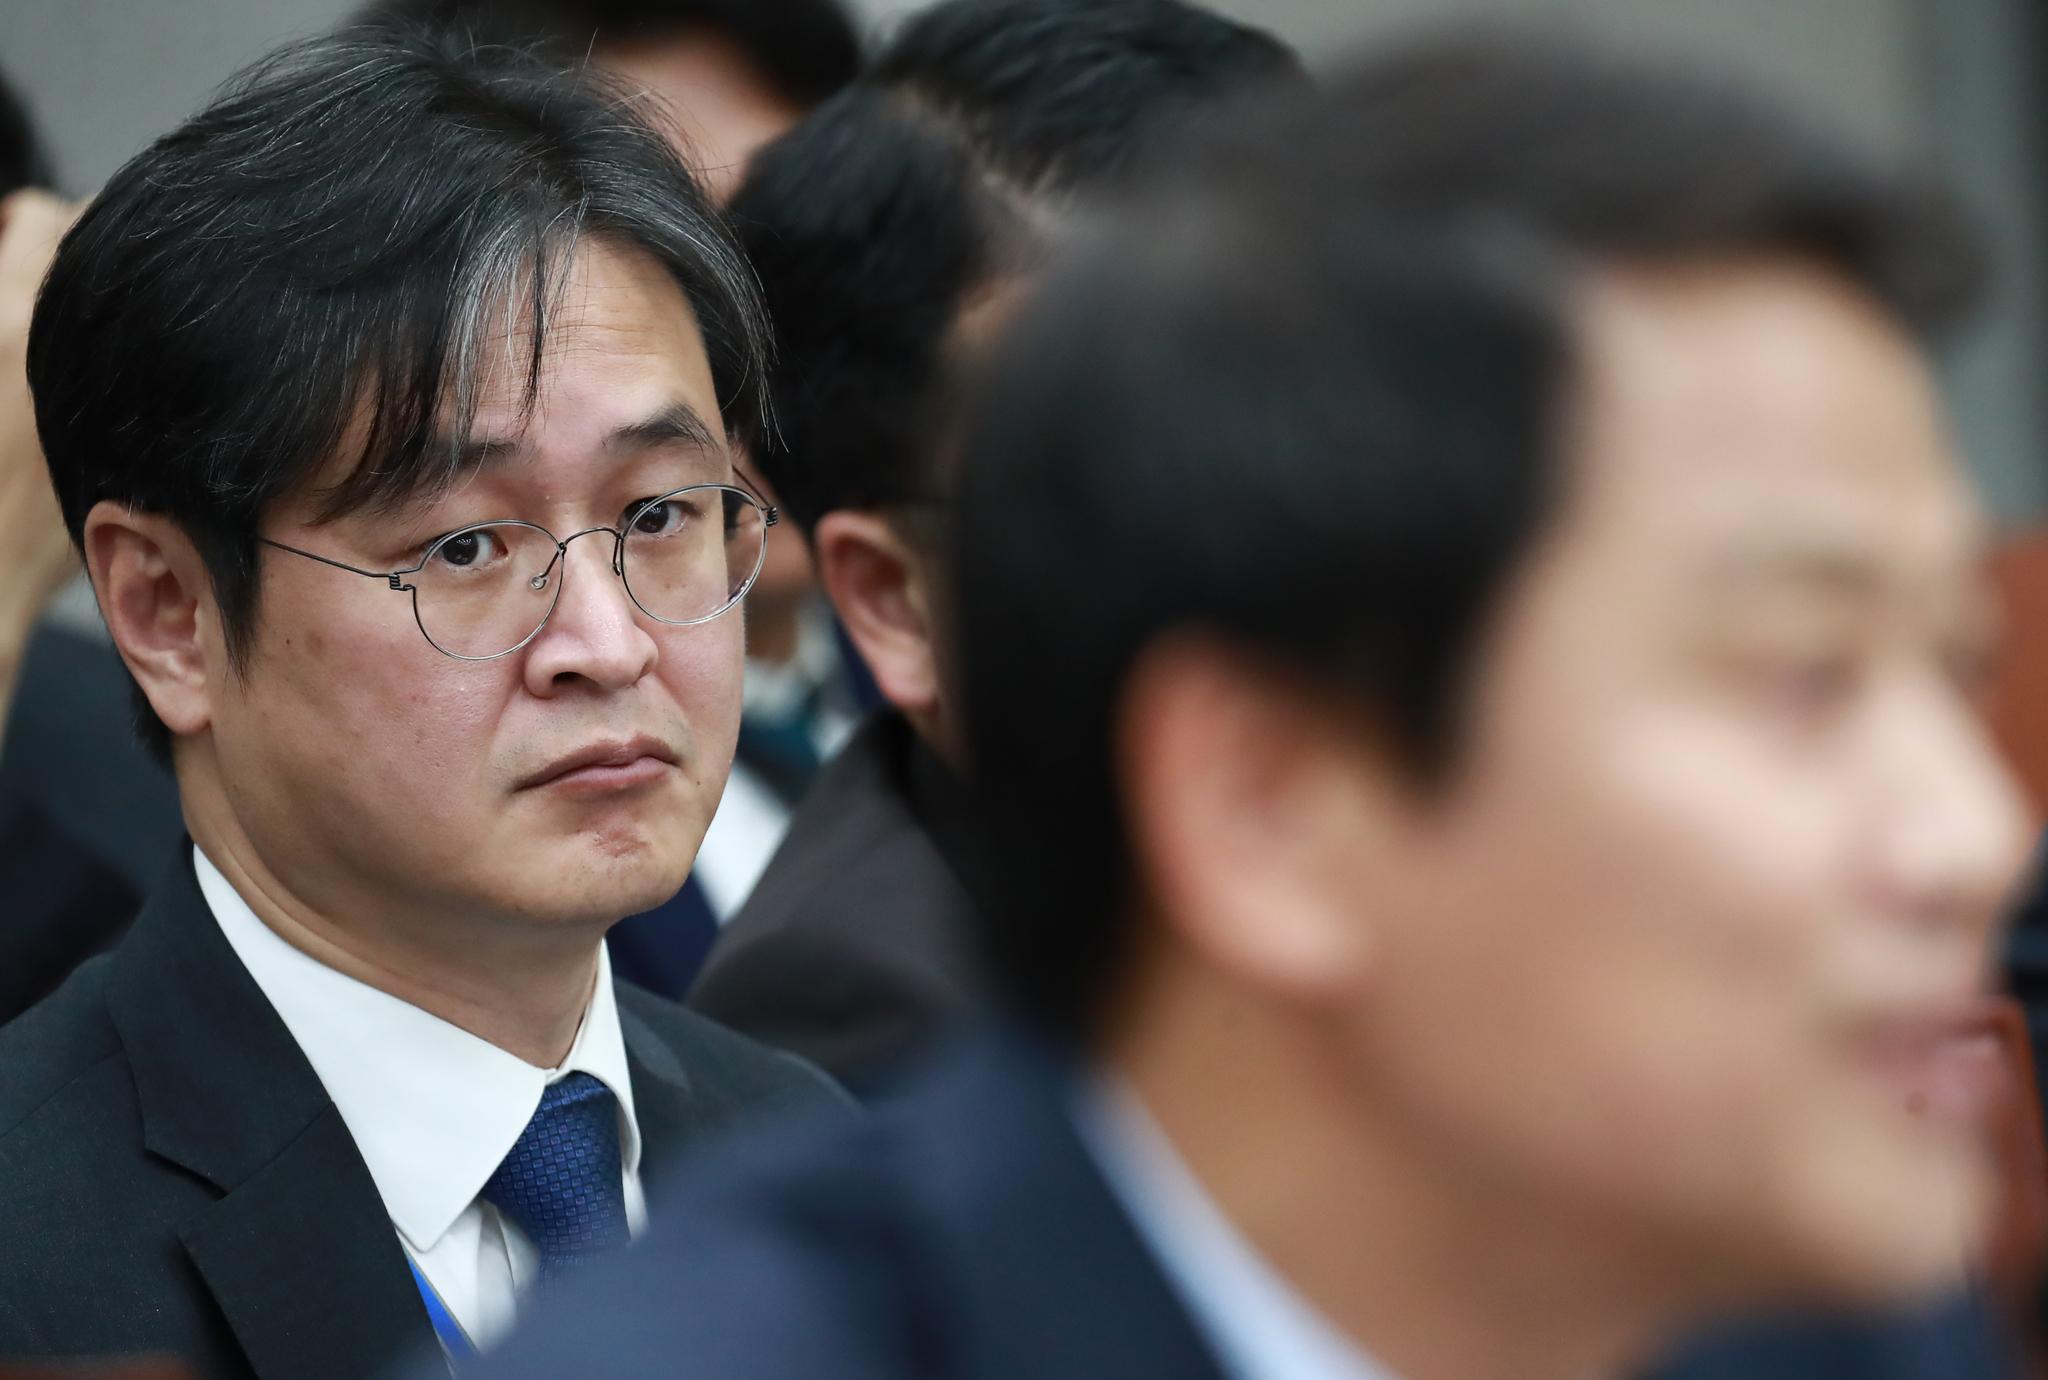 박형철 전 대통령비서실 반부패비서관. [연합뉴스]